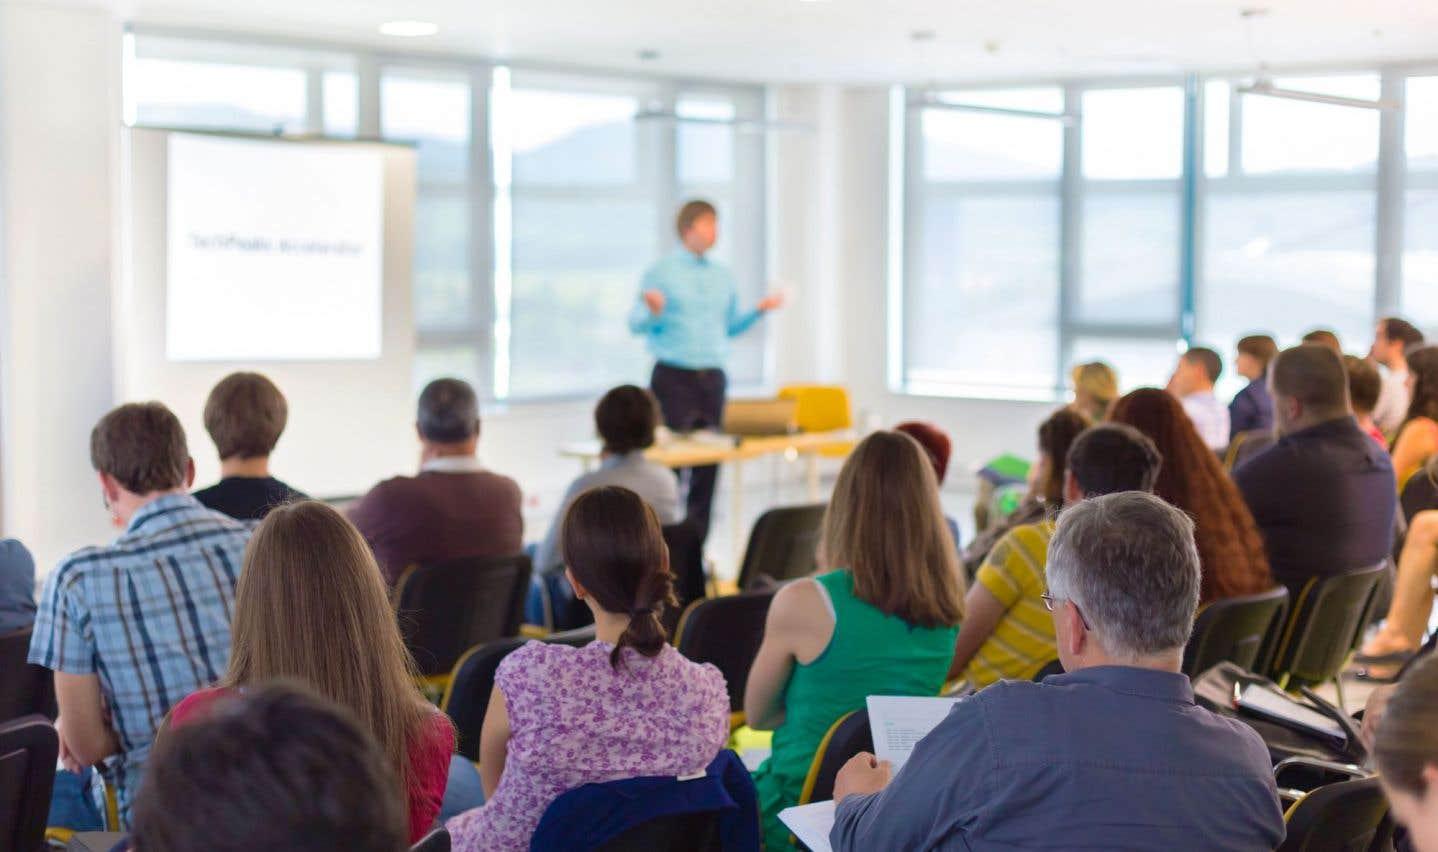 Selon le directeur général de l'ICEA, Daniel Baril, il faudrait que le large éventail des services éducatifs fournis par l'éducation des adultes se retrouve dans la nouvelle politique sur la réussite scolaire.